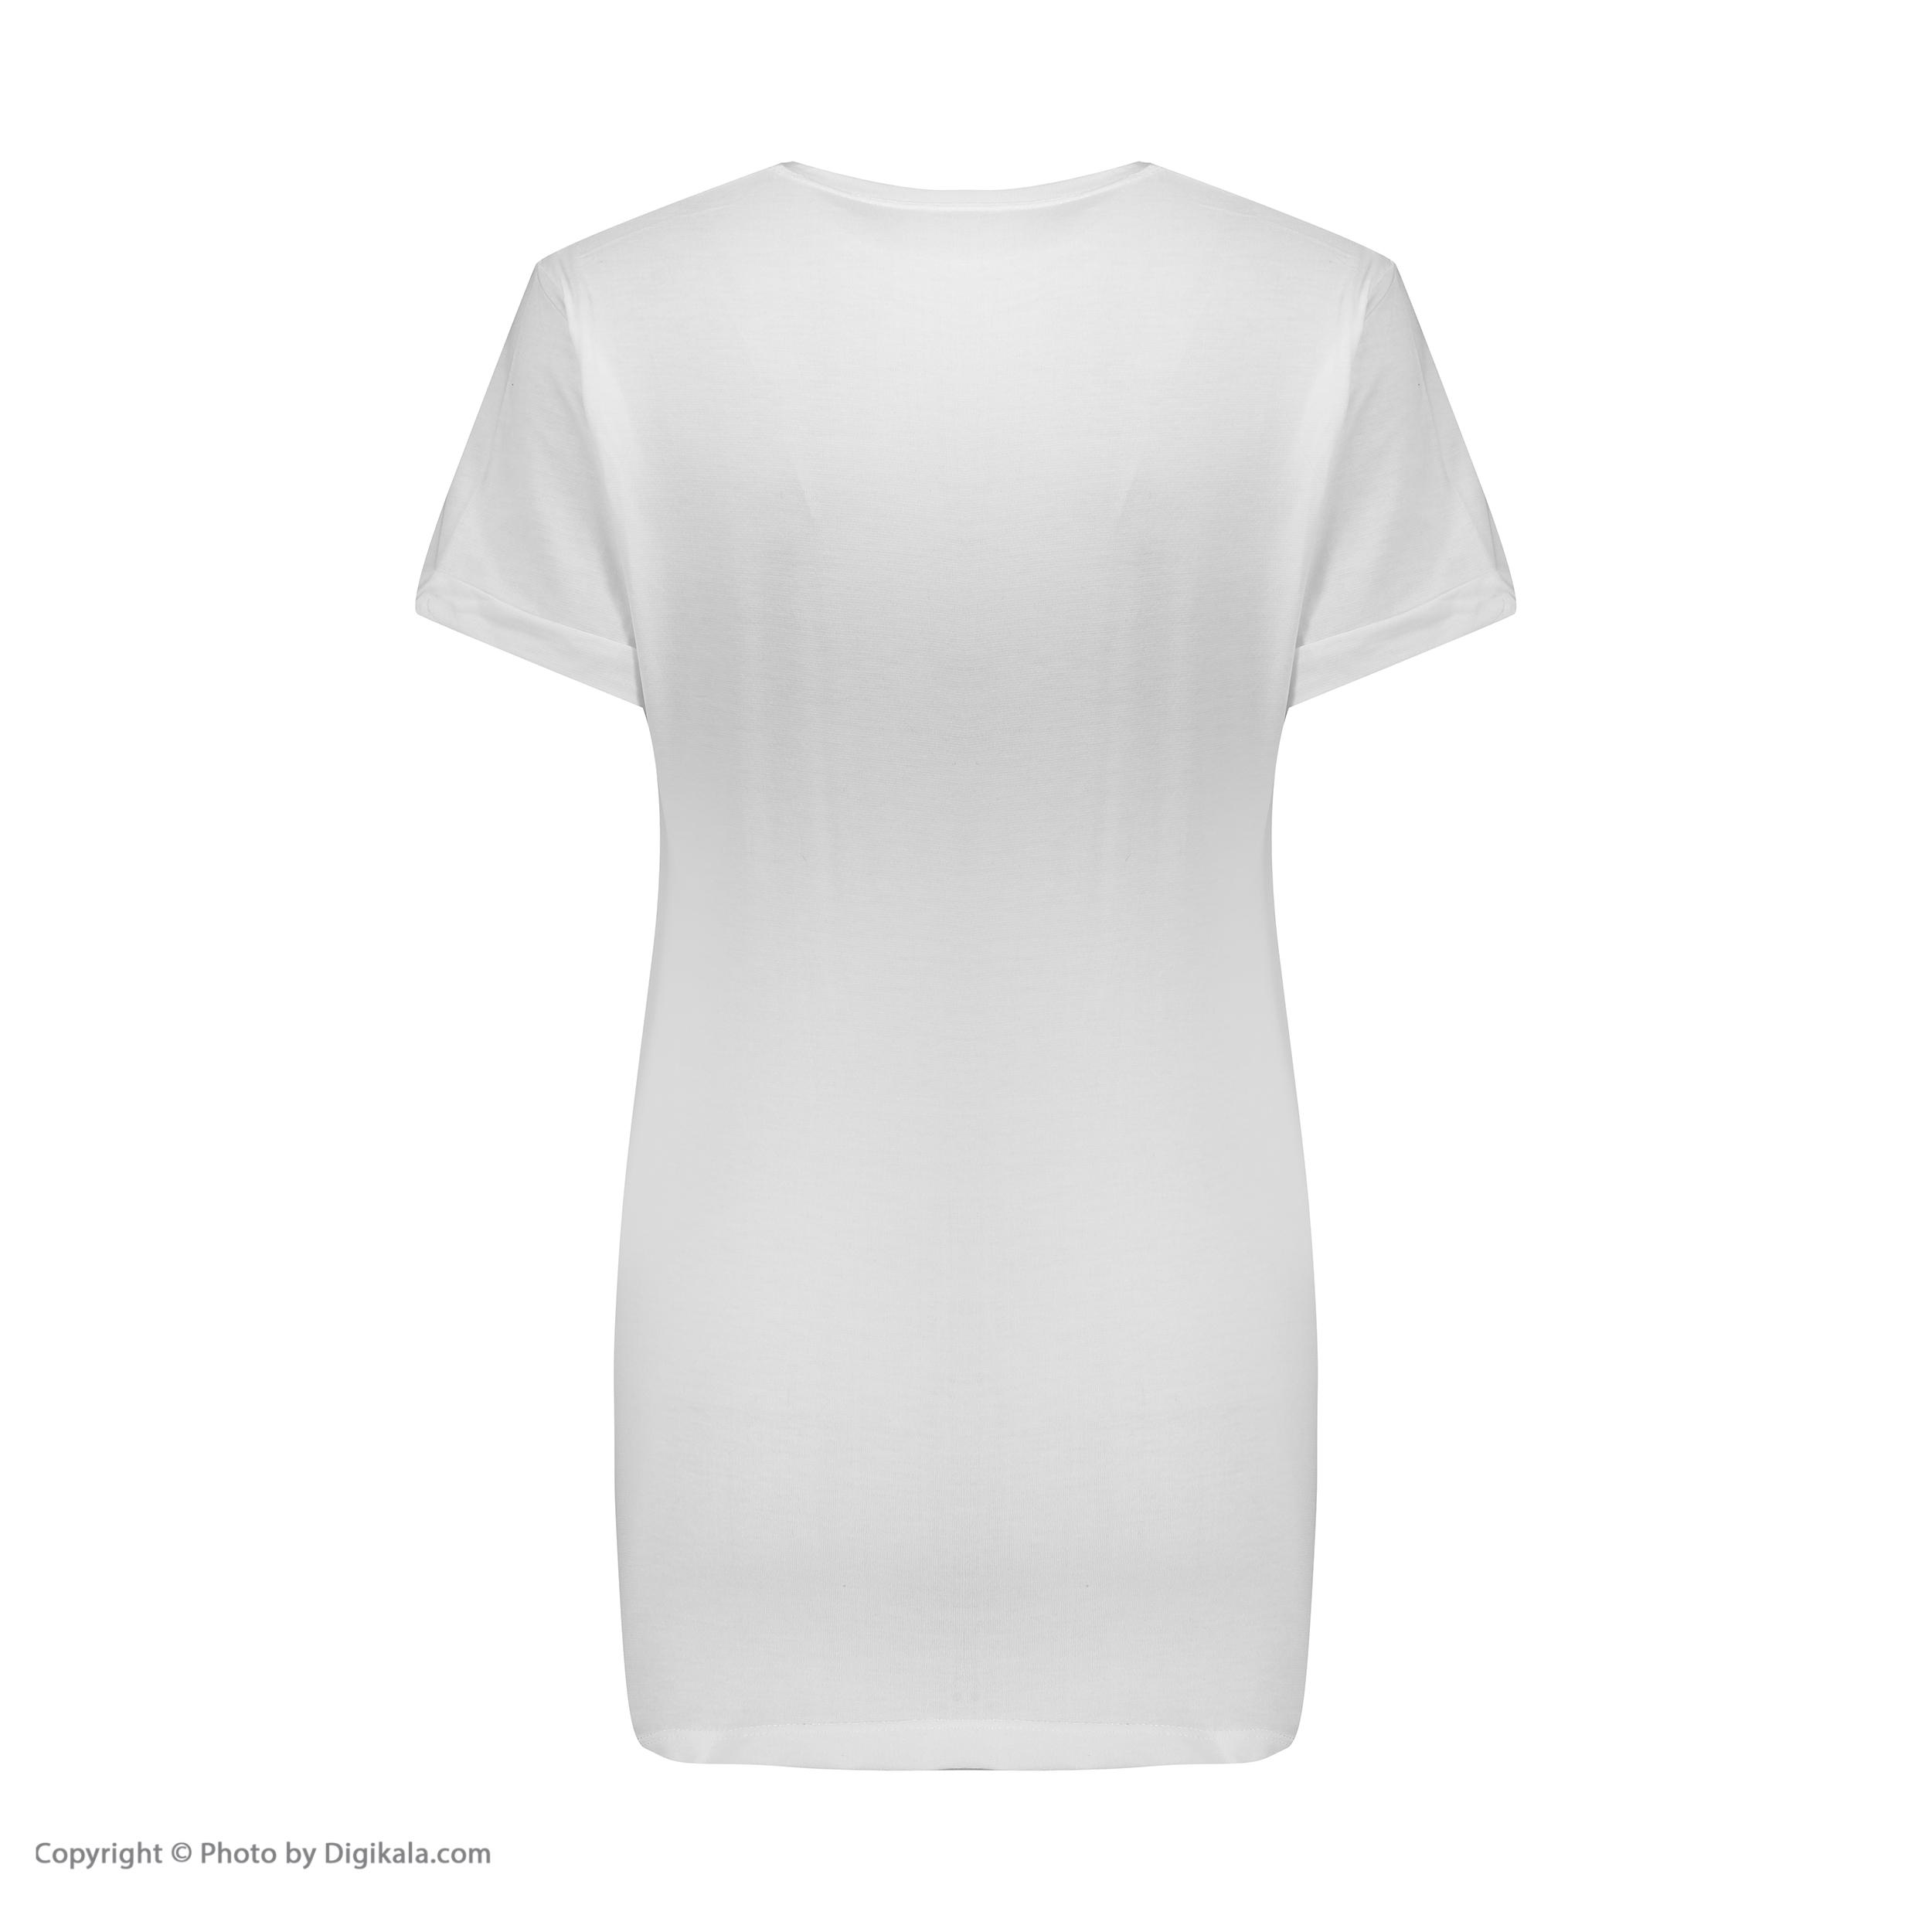 تی شرت آستین کوتاه زنانه مدل Q4